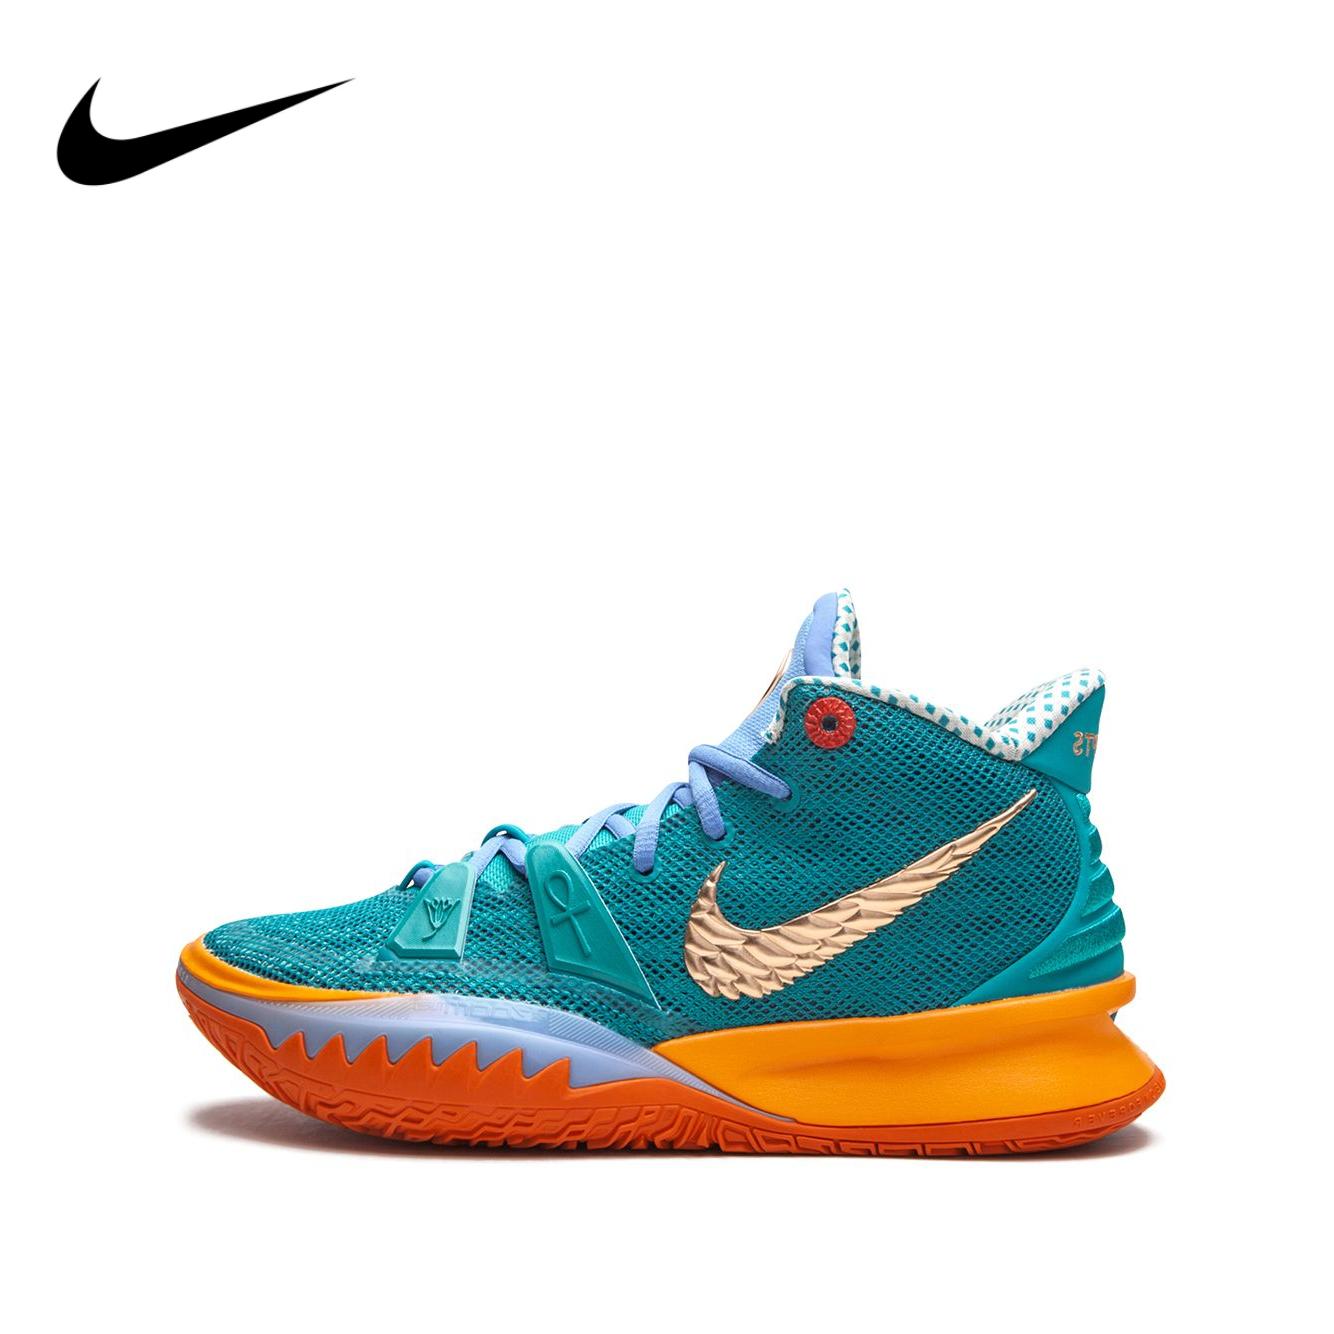 Nike_ รองเท้าบาสเก็ตบอลผู้ชาย Kyrie 7 Concepts Horusรองเท้ากีฬา